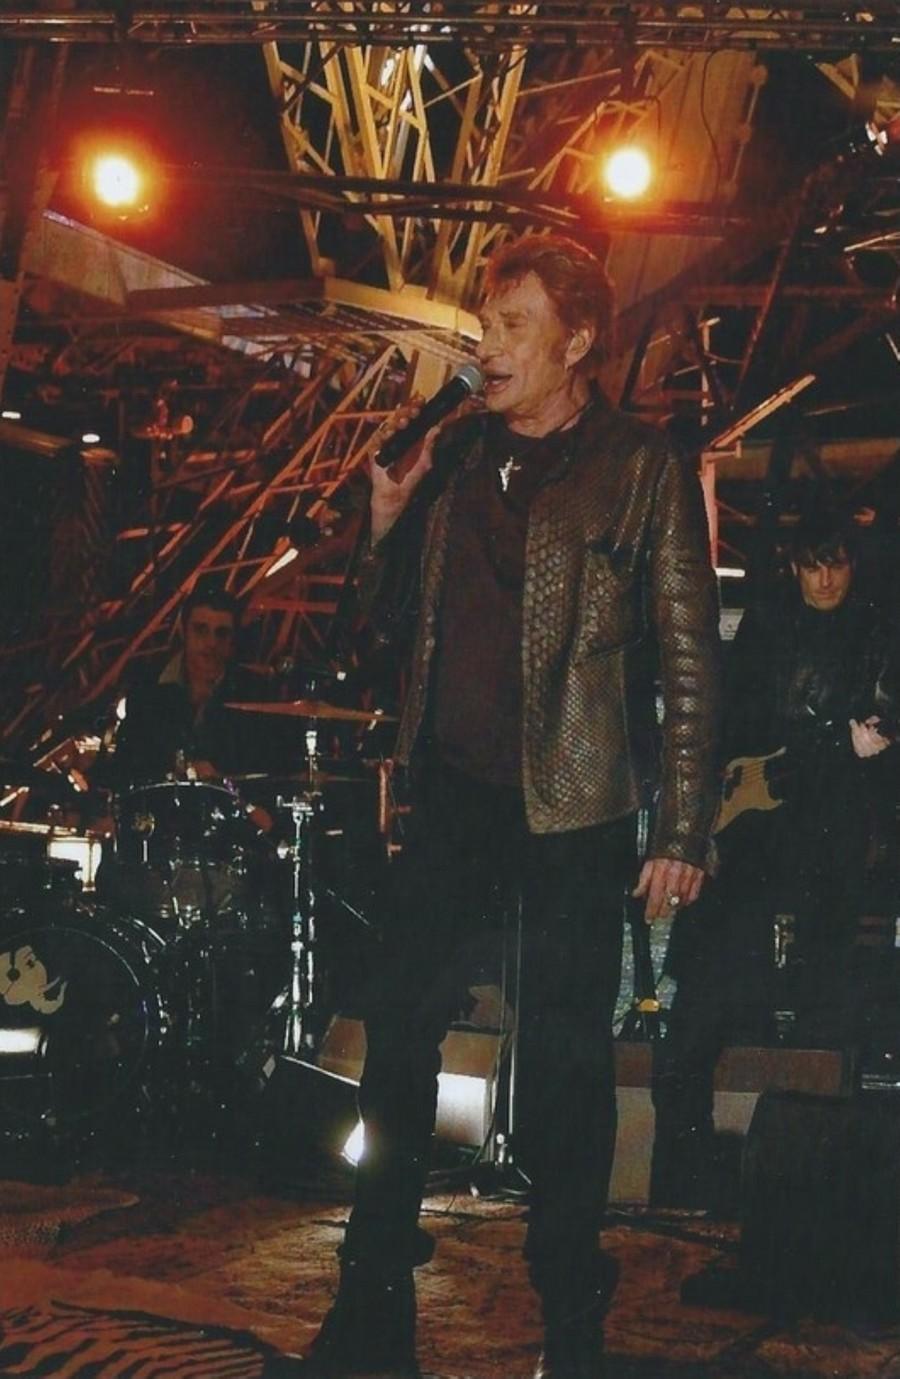 LES CONCERTS DE JOHNNY 'LA TOUR EIFFEL, PARIS 2011' 11-g0111